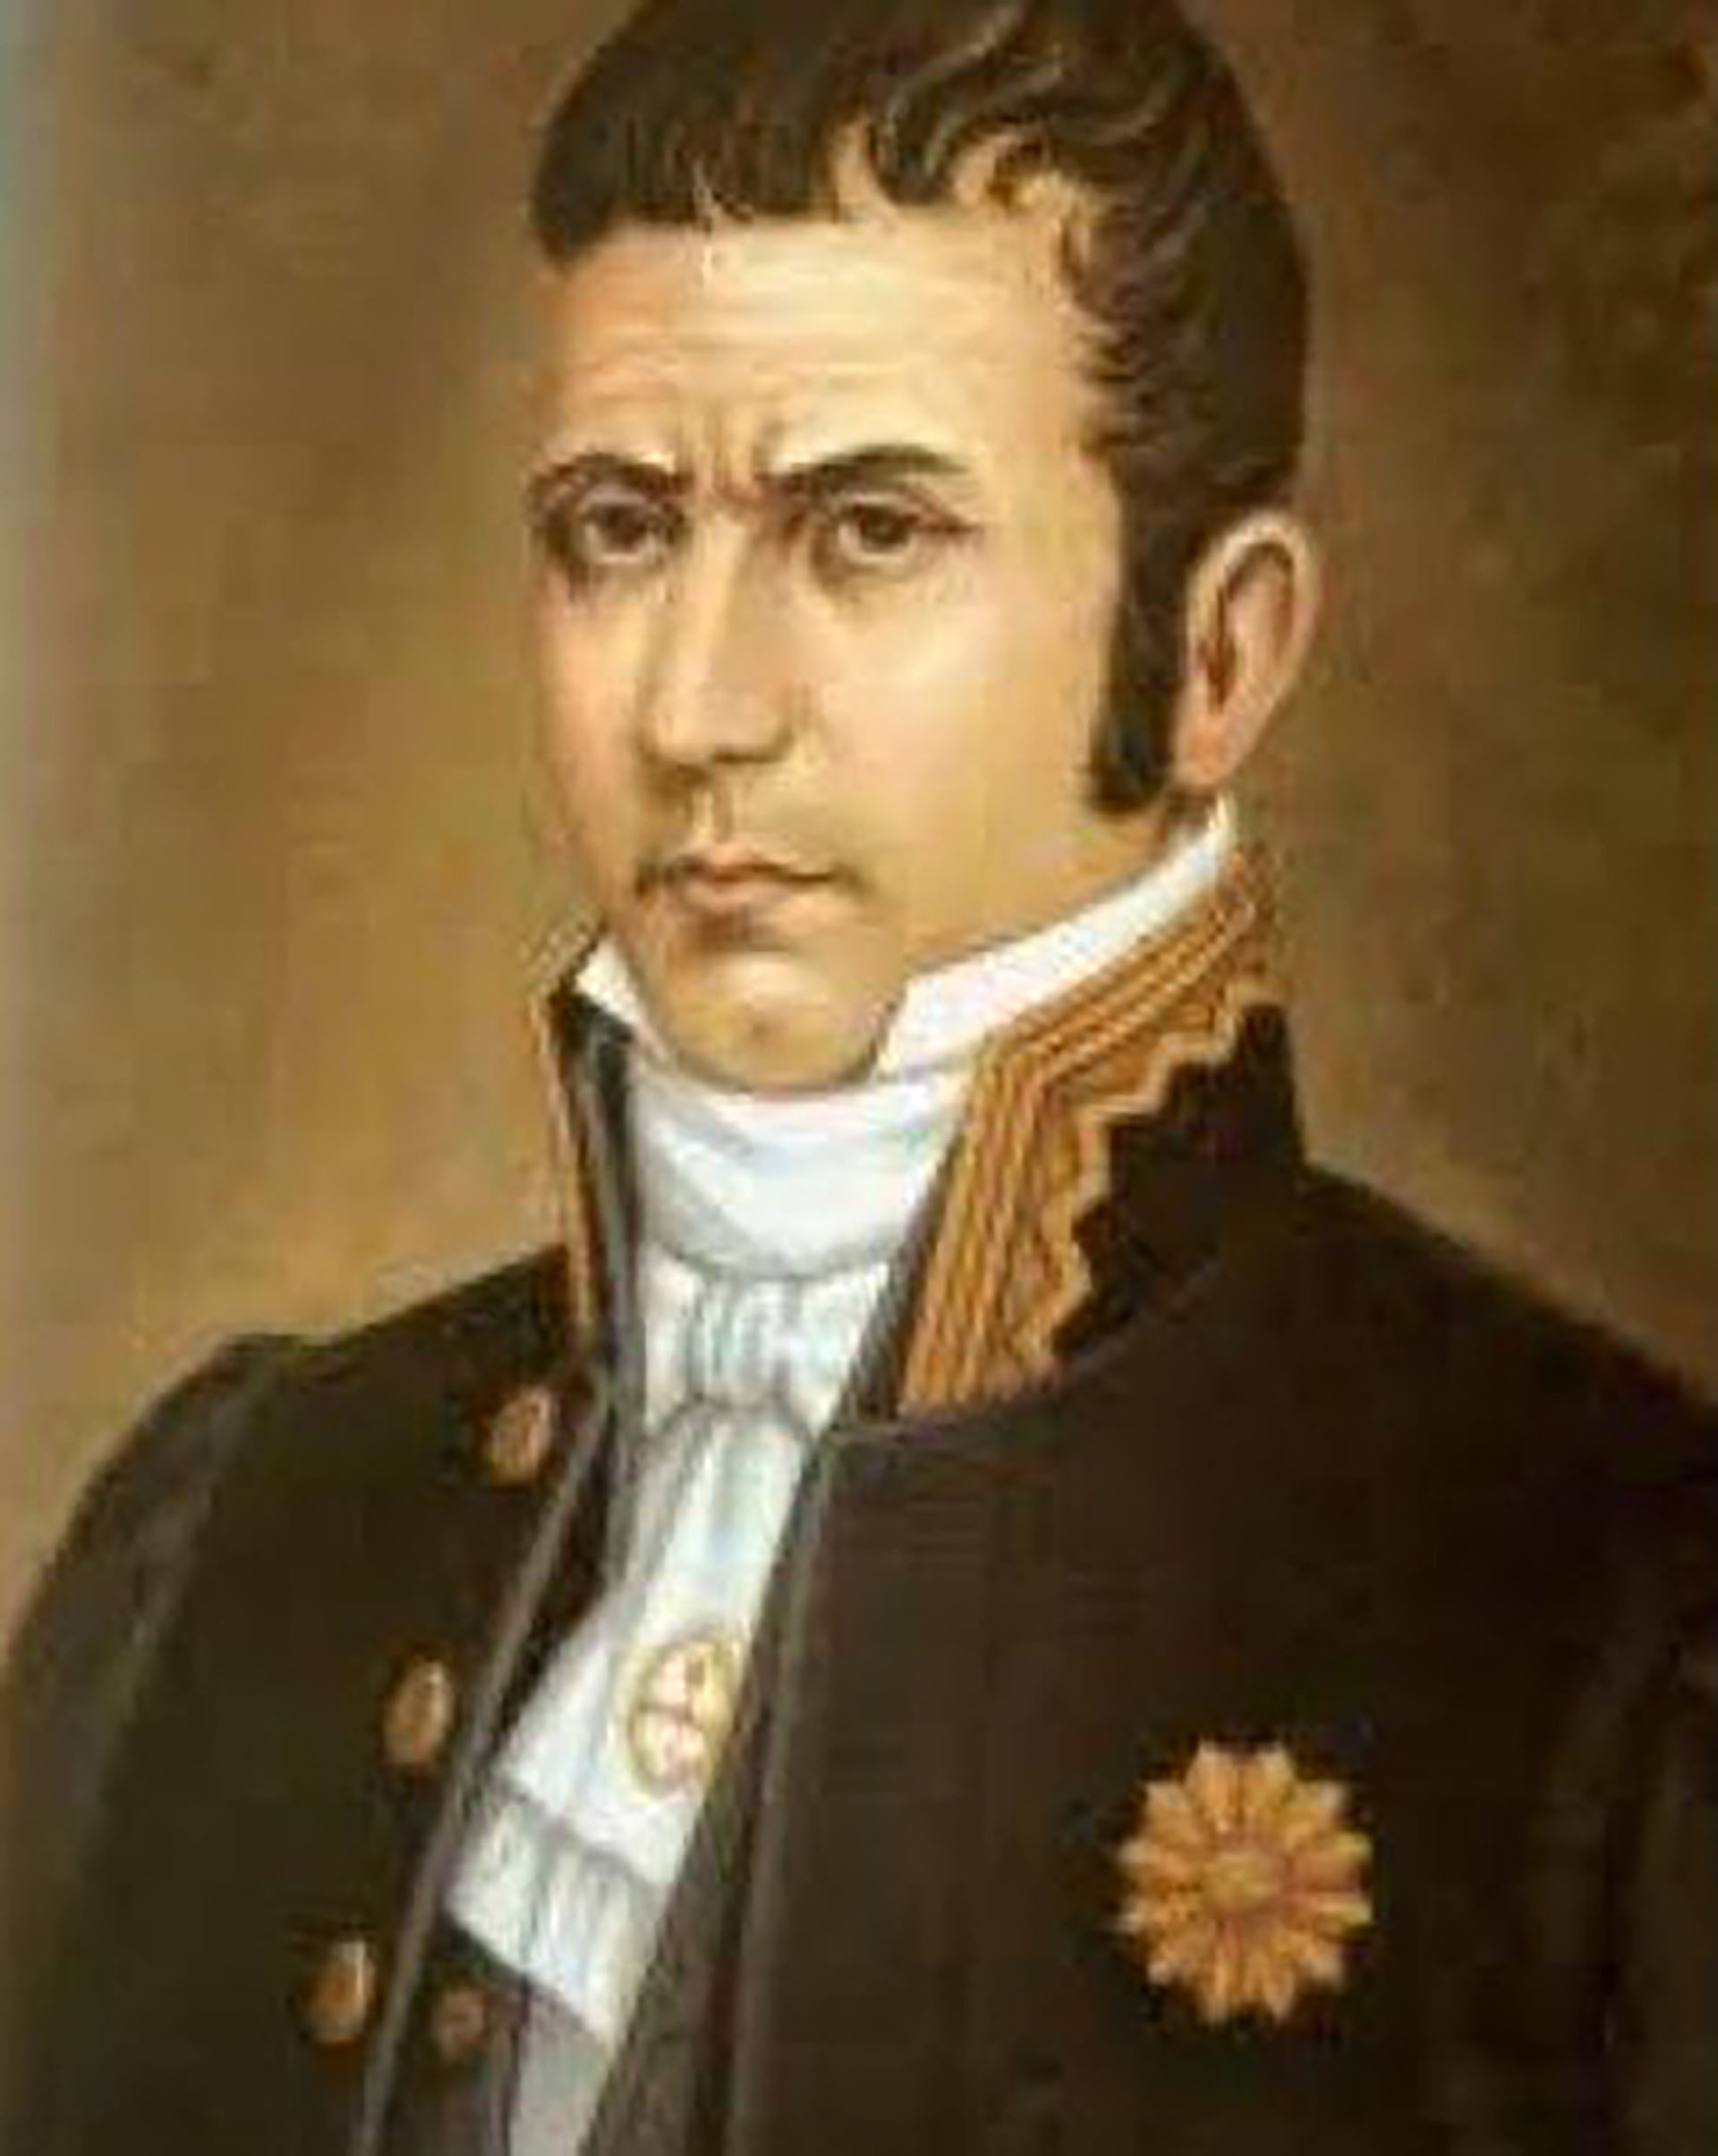 Bernardo de Monteagudo era uno de los blancos de la sublevación realista